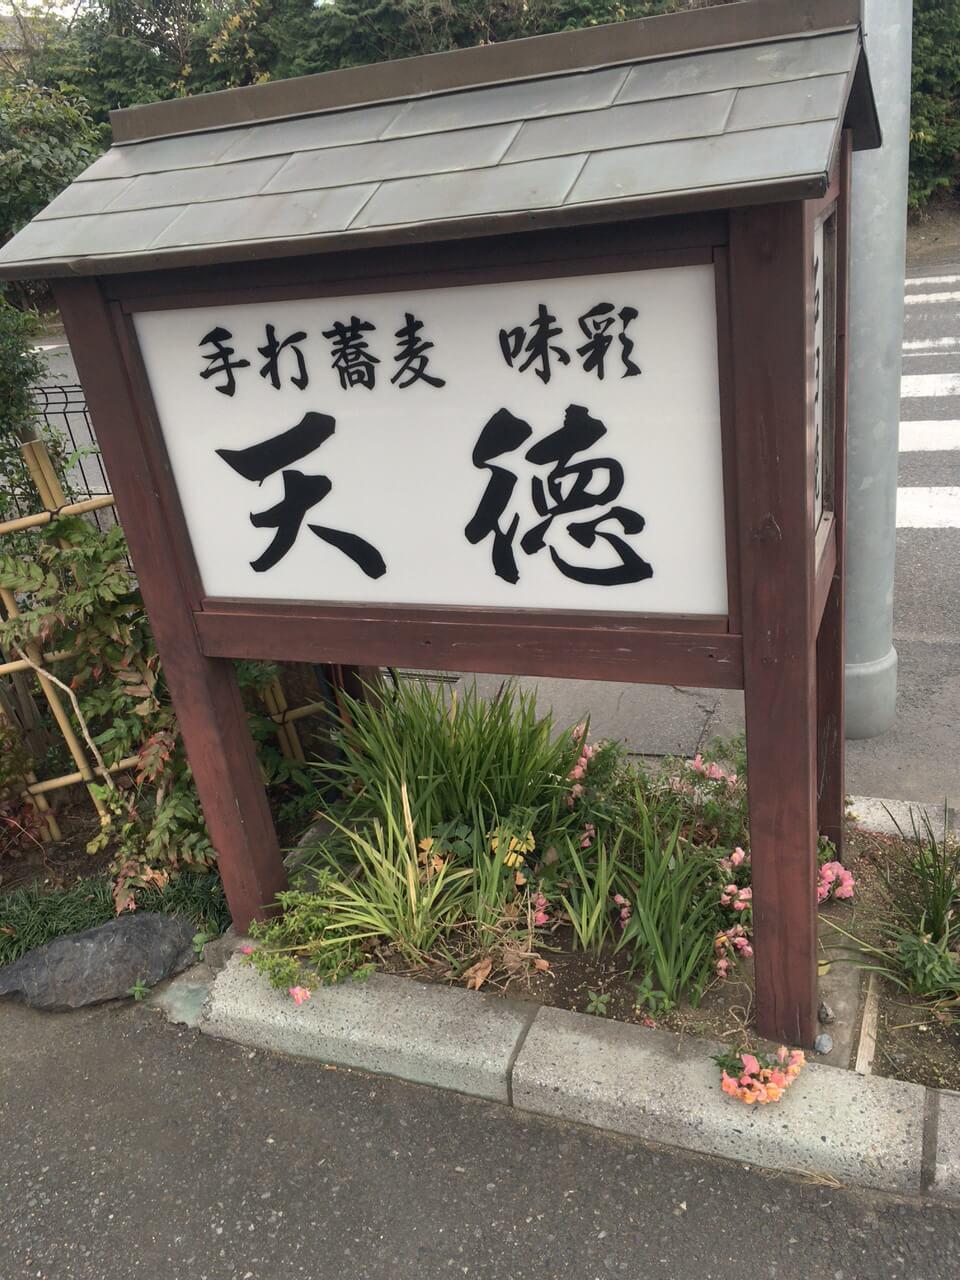 三郷市栄にある手打ちそば石臼挽き天徳で合もりを食べてきたよ!